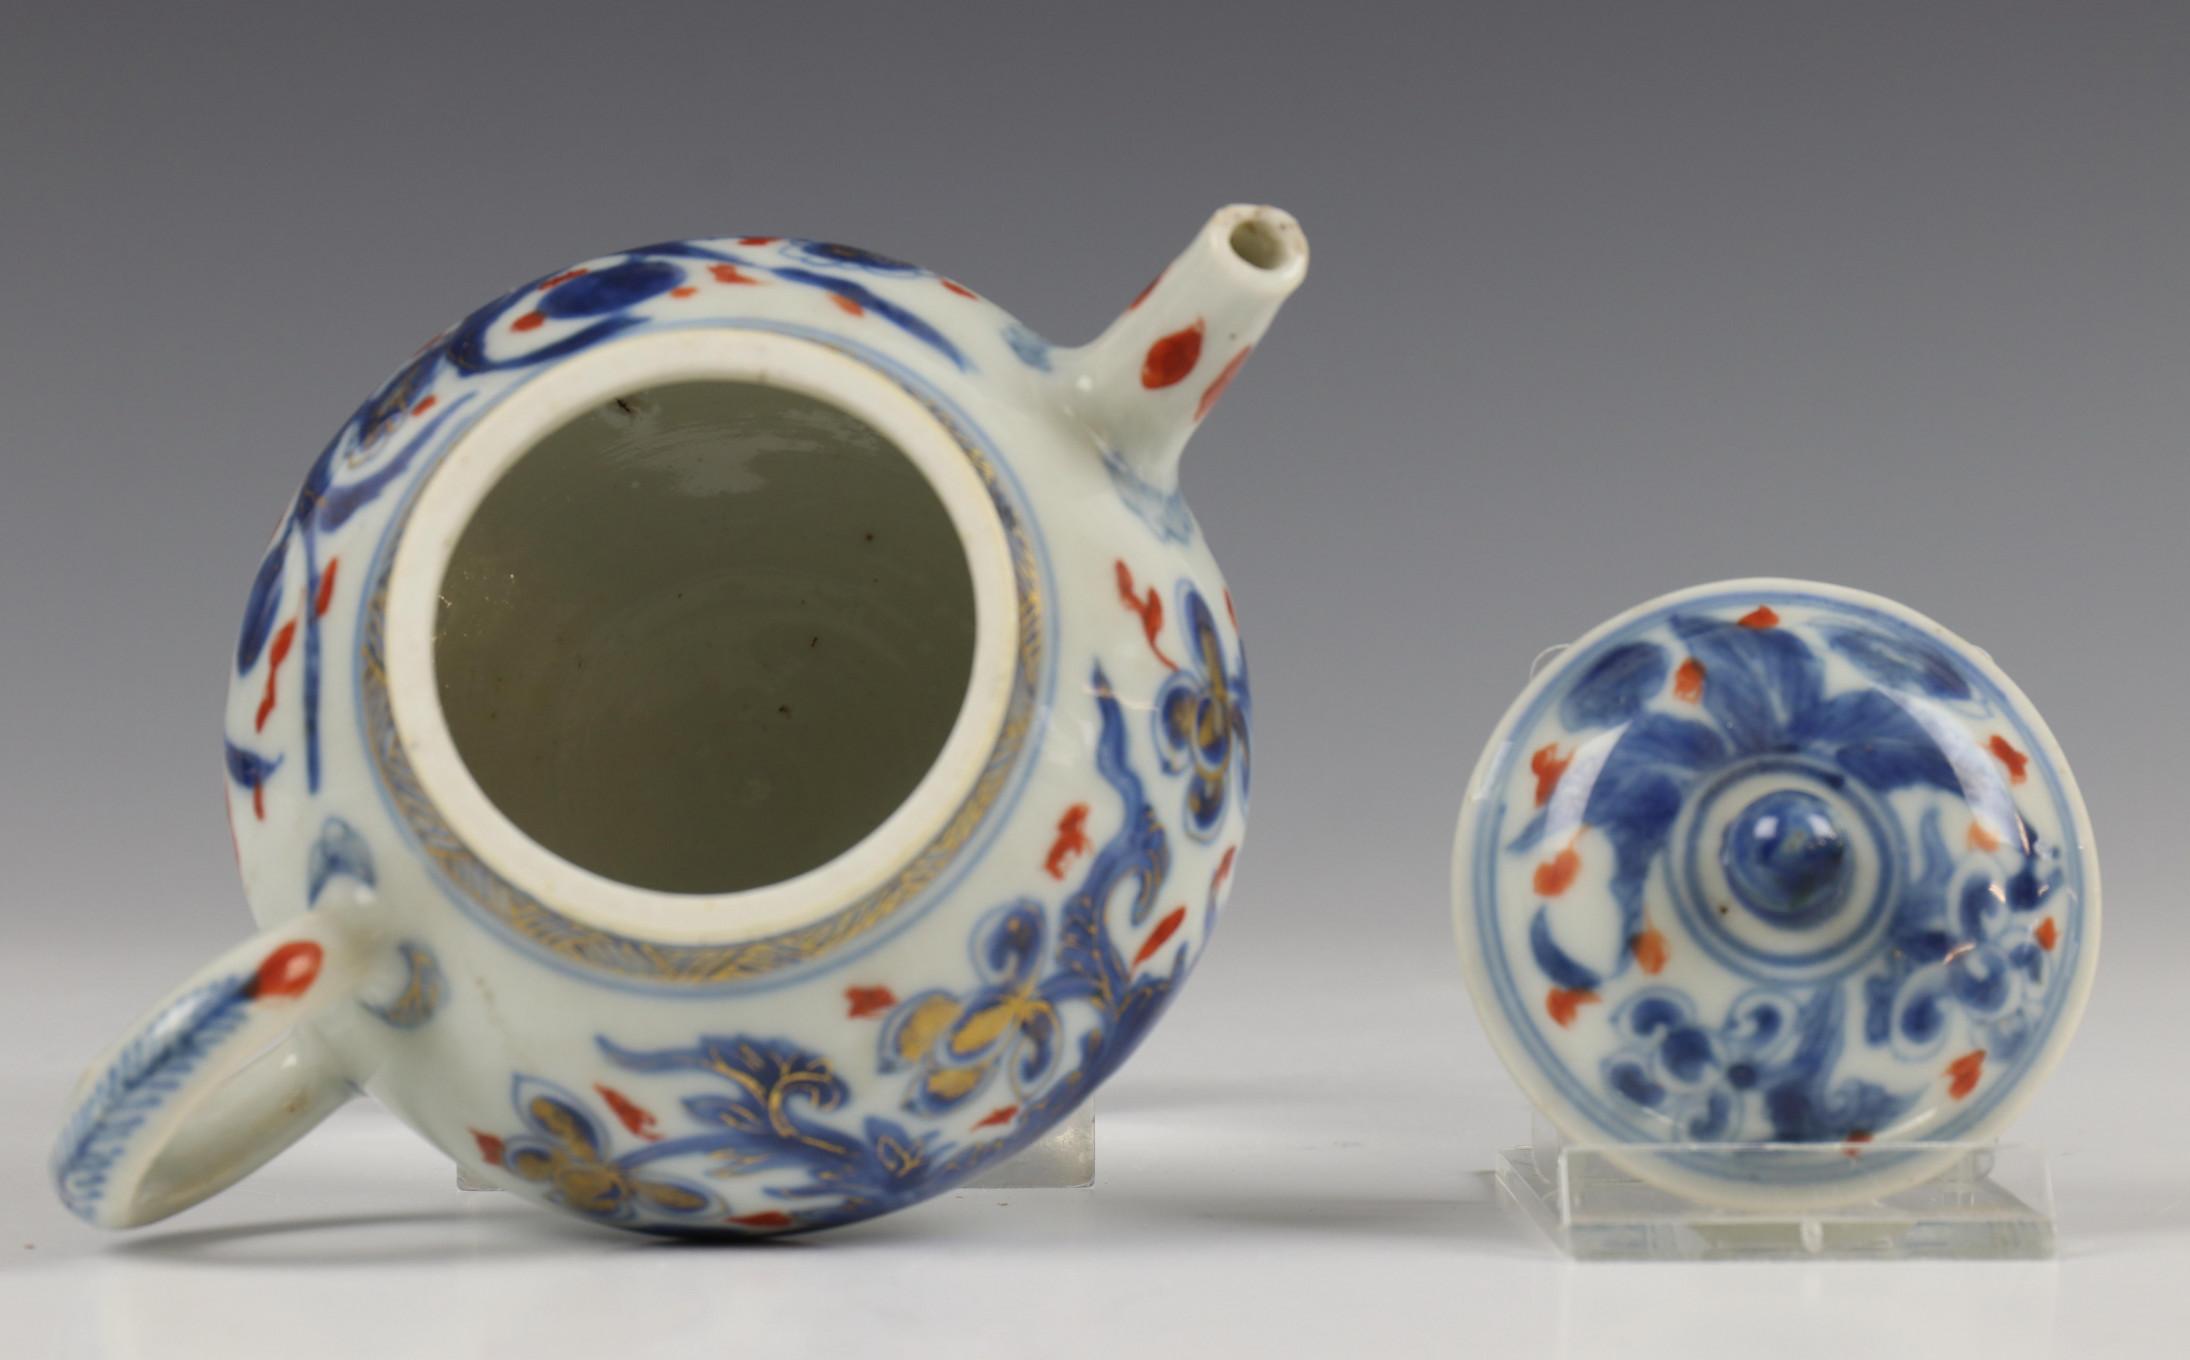 China, blauw-wit porseleinen trekpot, Imari trekpotje en melkkan, 18e eeuw, - Image 9 of 21